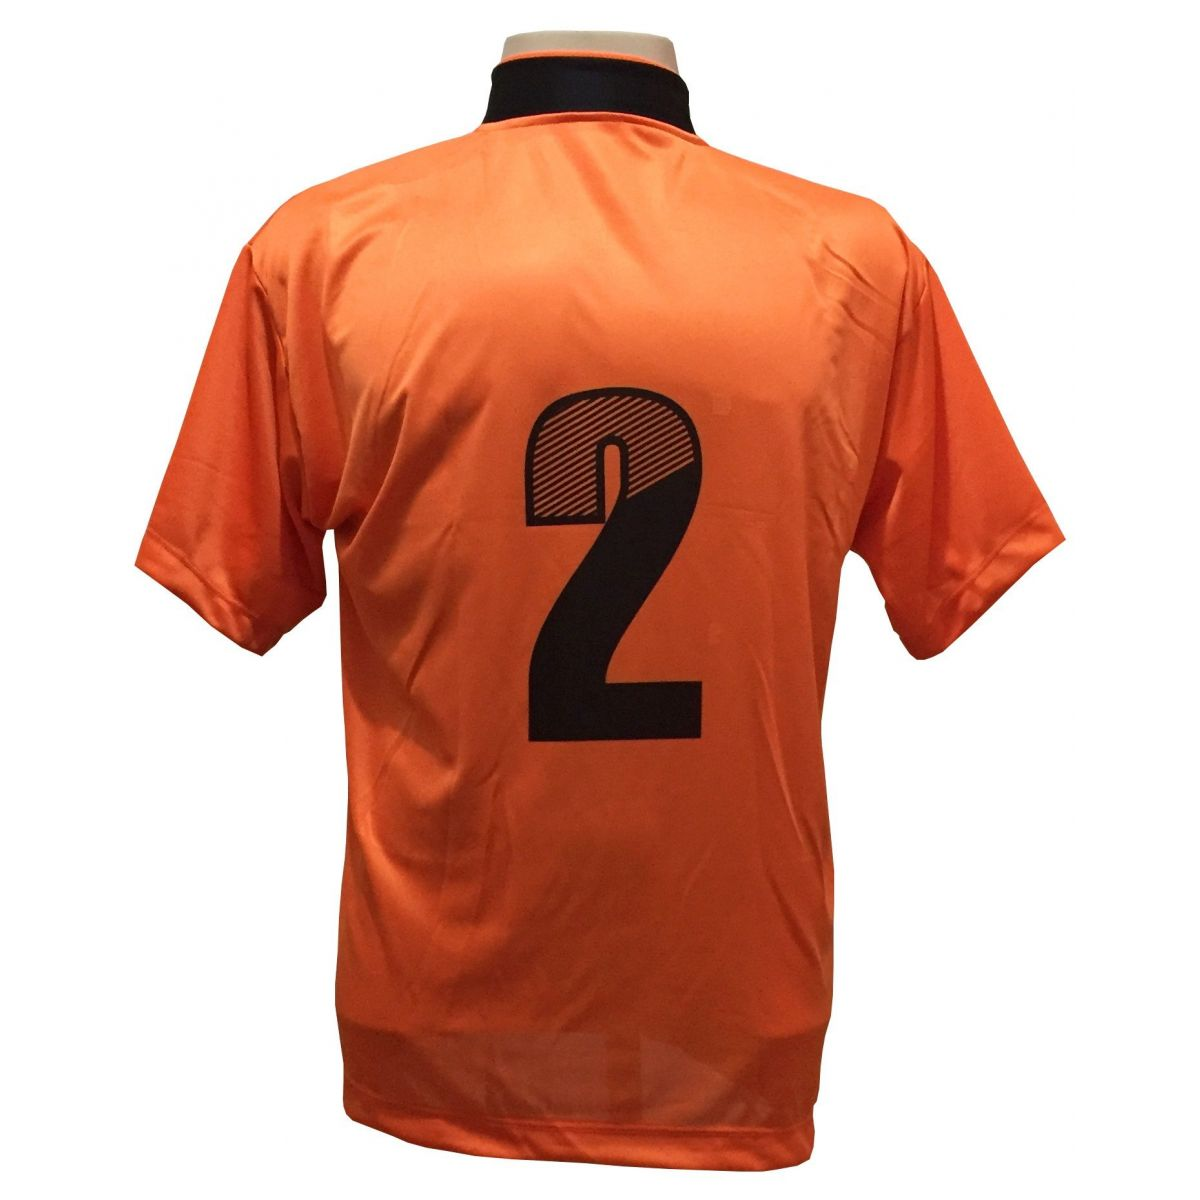 4195fcb783 ... Uniforme Esportivo com 14 camisas modelo Suécia Laranja Preto + 14  calções modelo Madrid Preto ...